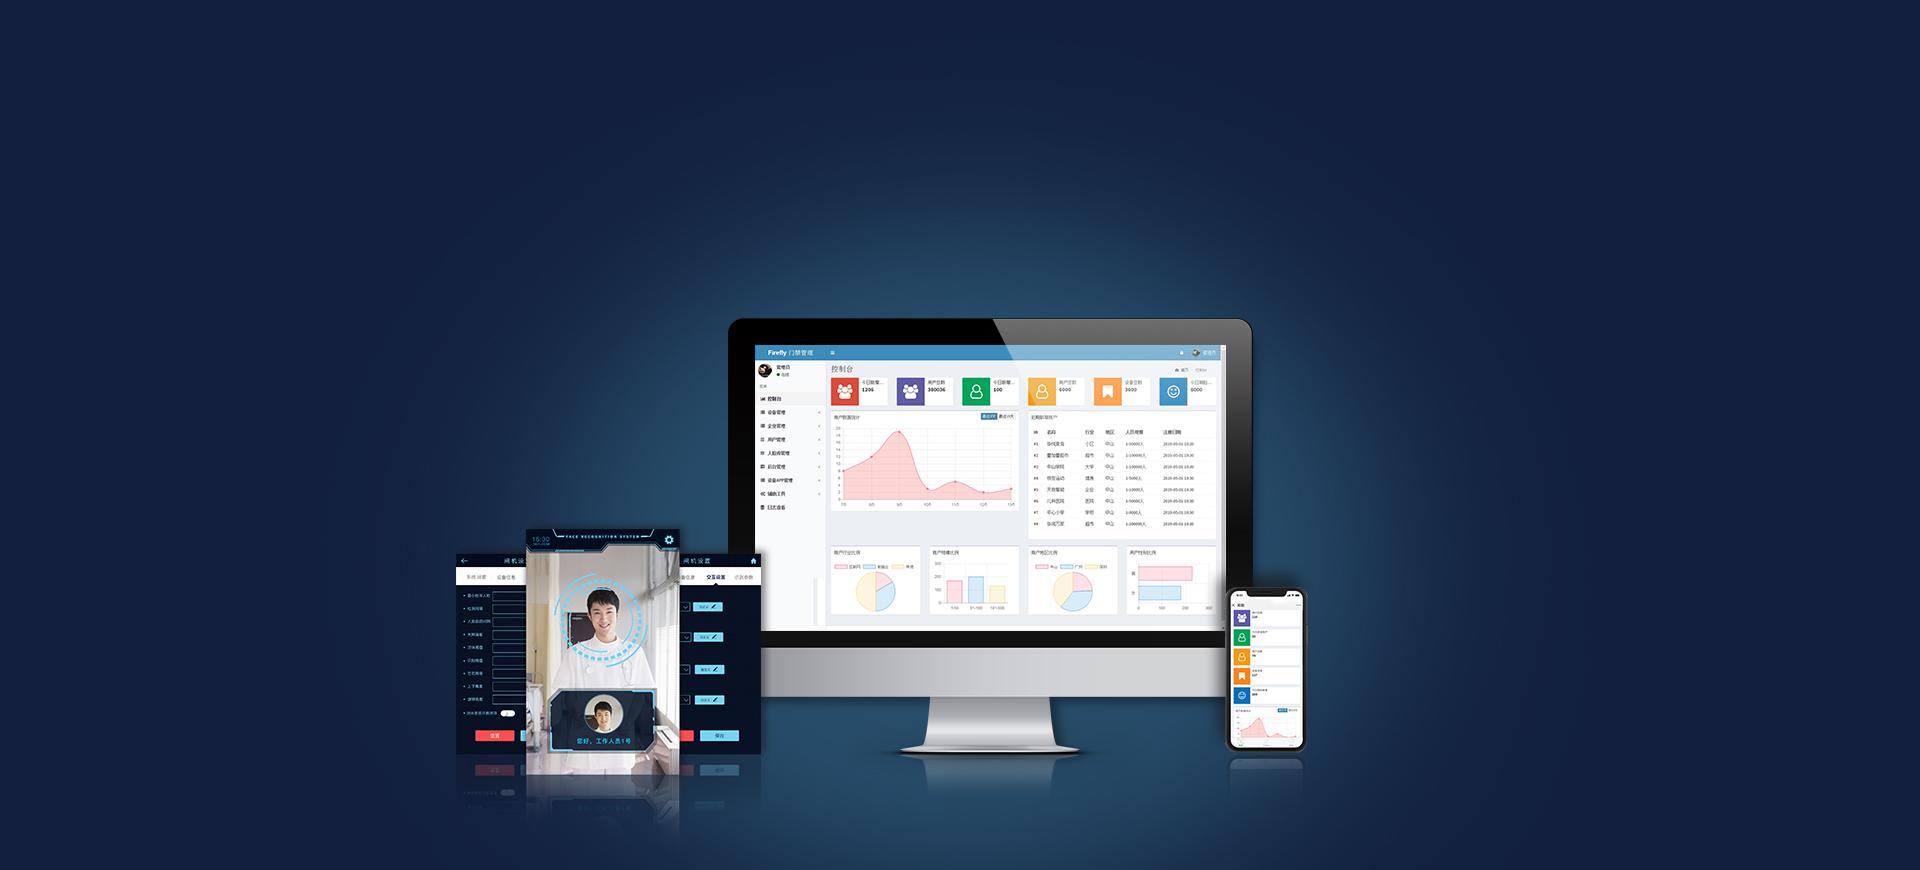 考勤易FACEX1人脸识别机强大的考勤管理系统